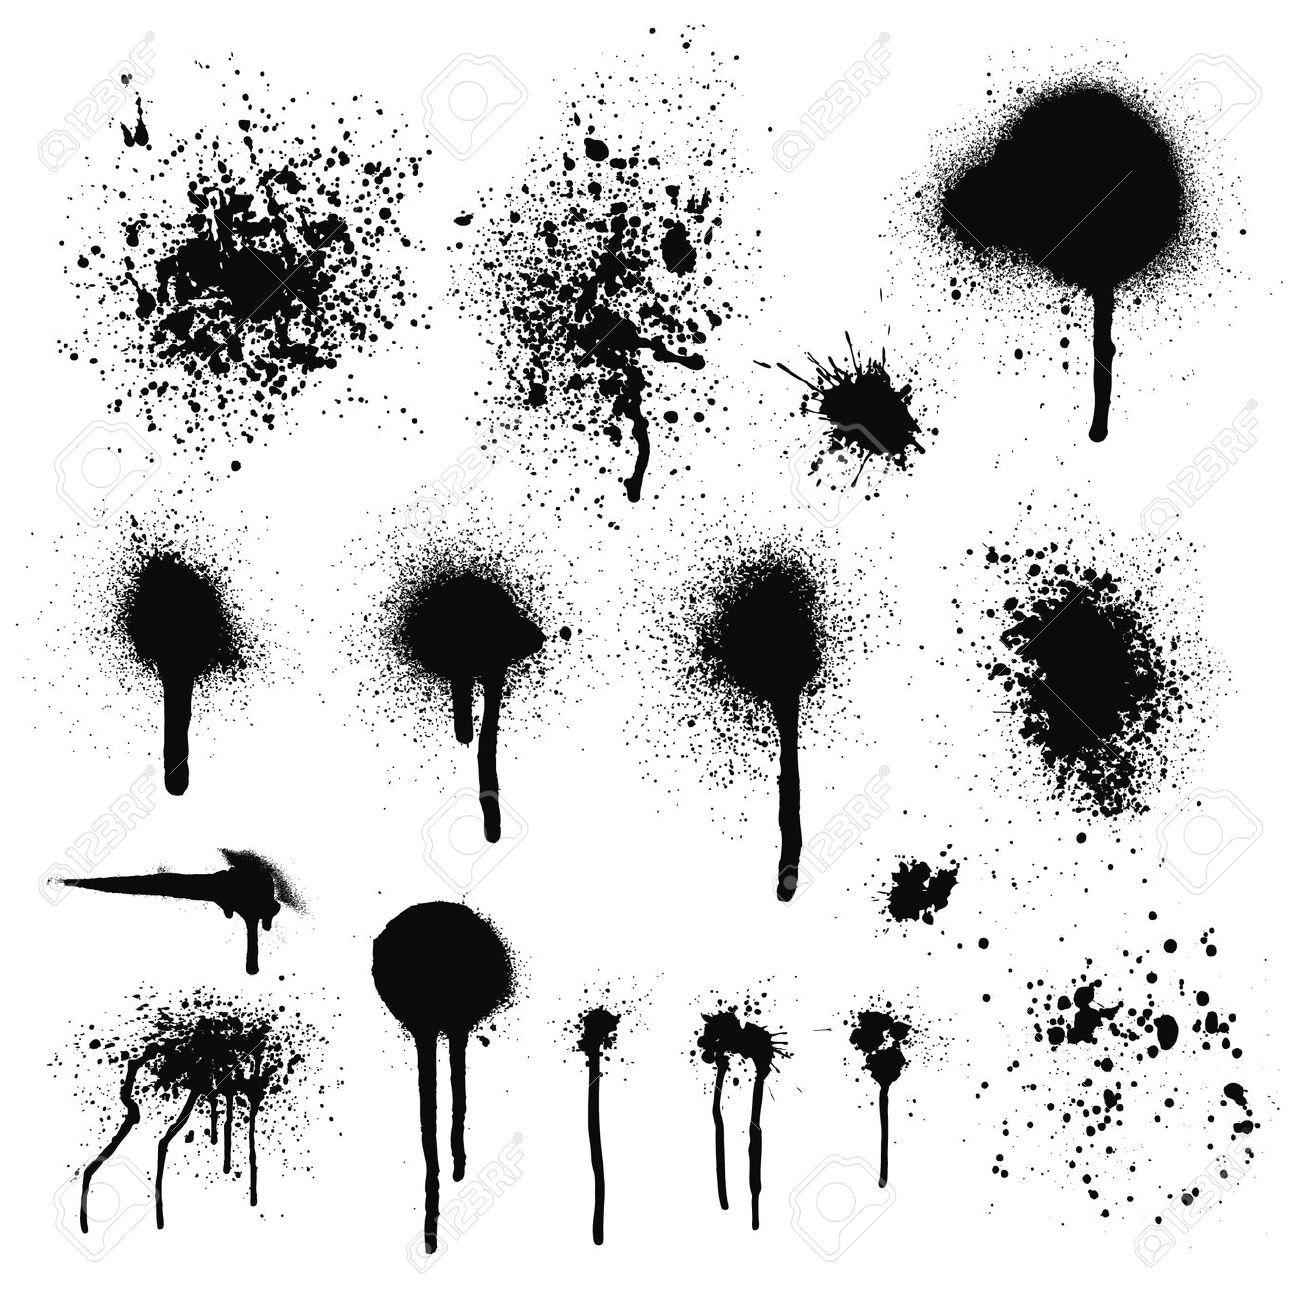 Vector Graffiti Google Search Graffiti Spray Paint Spray Paint Art Graffiti